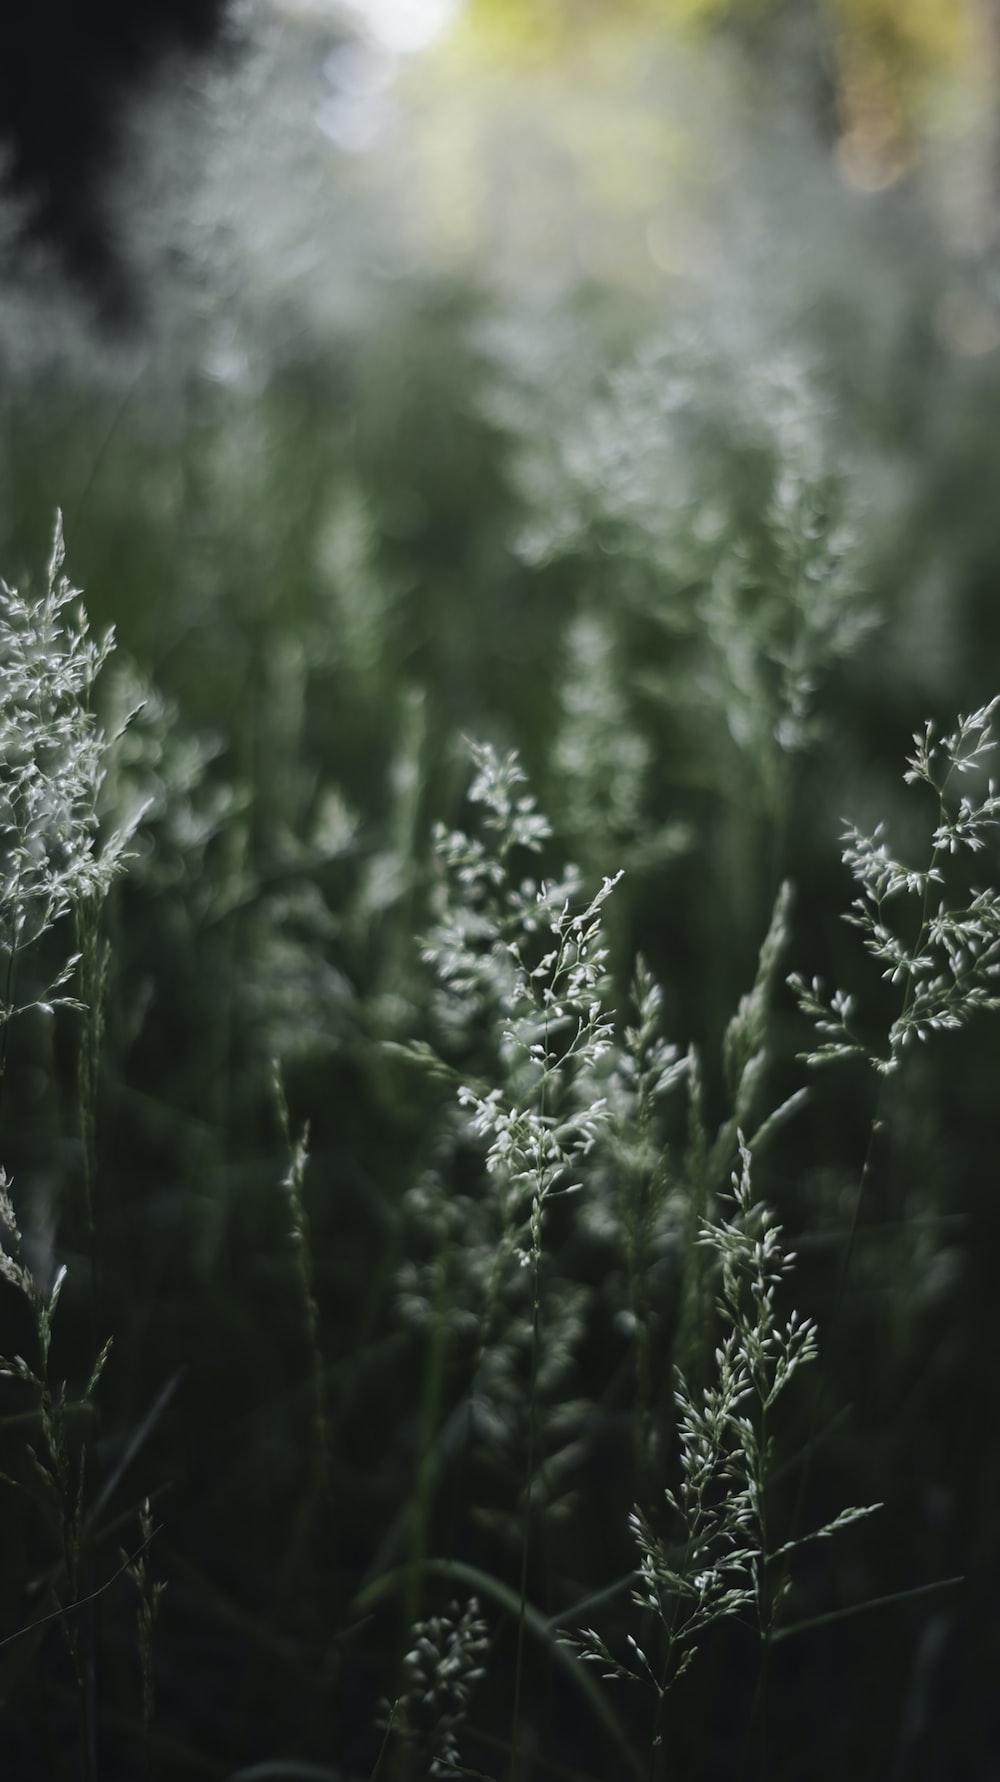 white flower buds in tilt shift lens